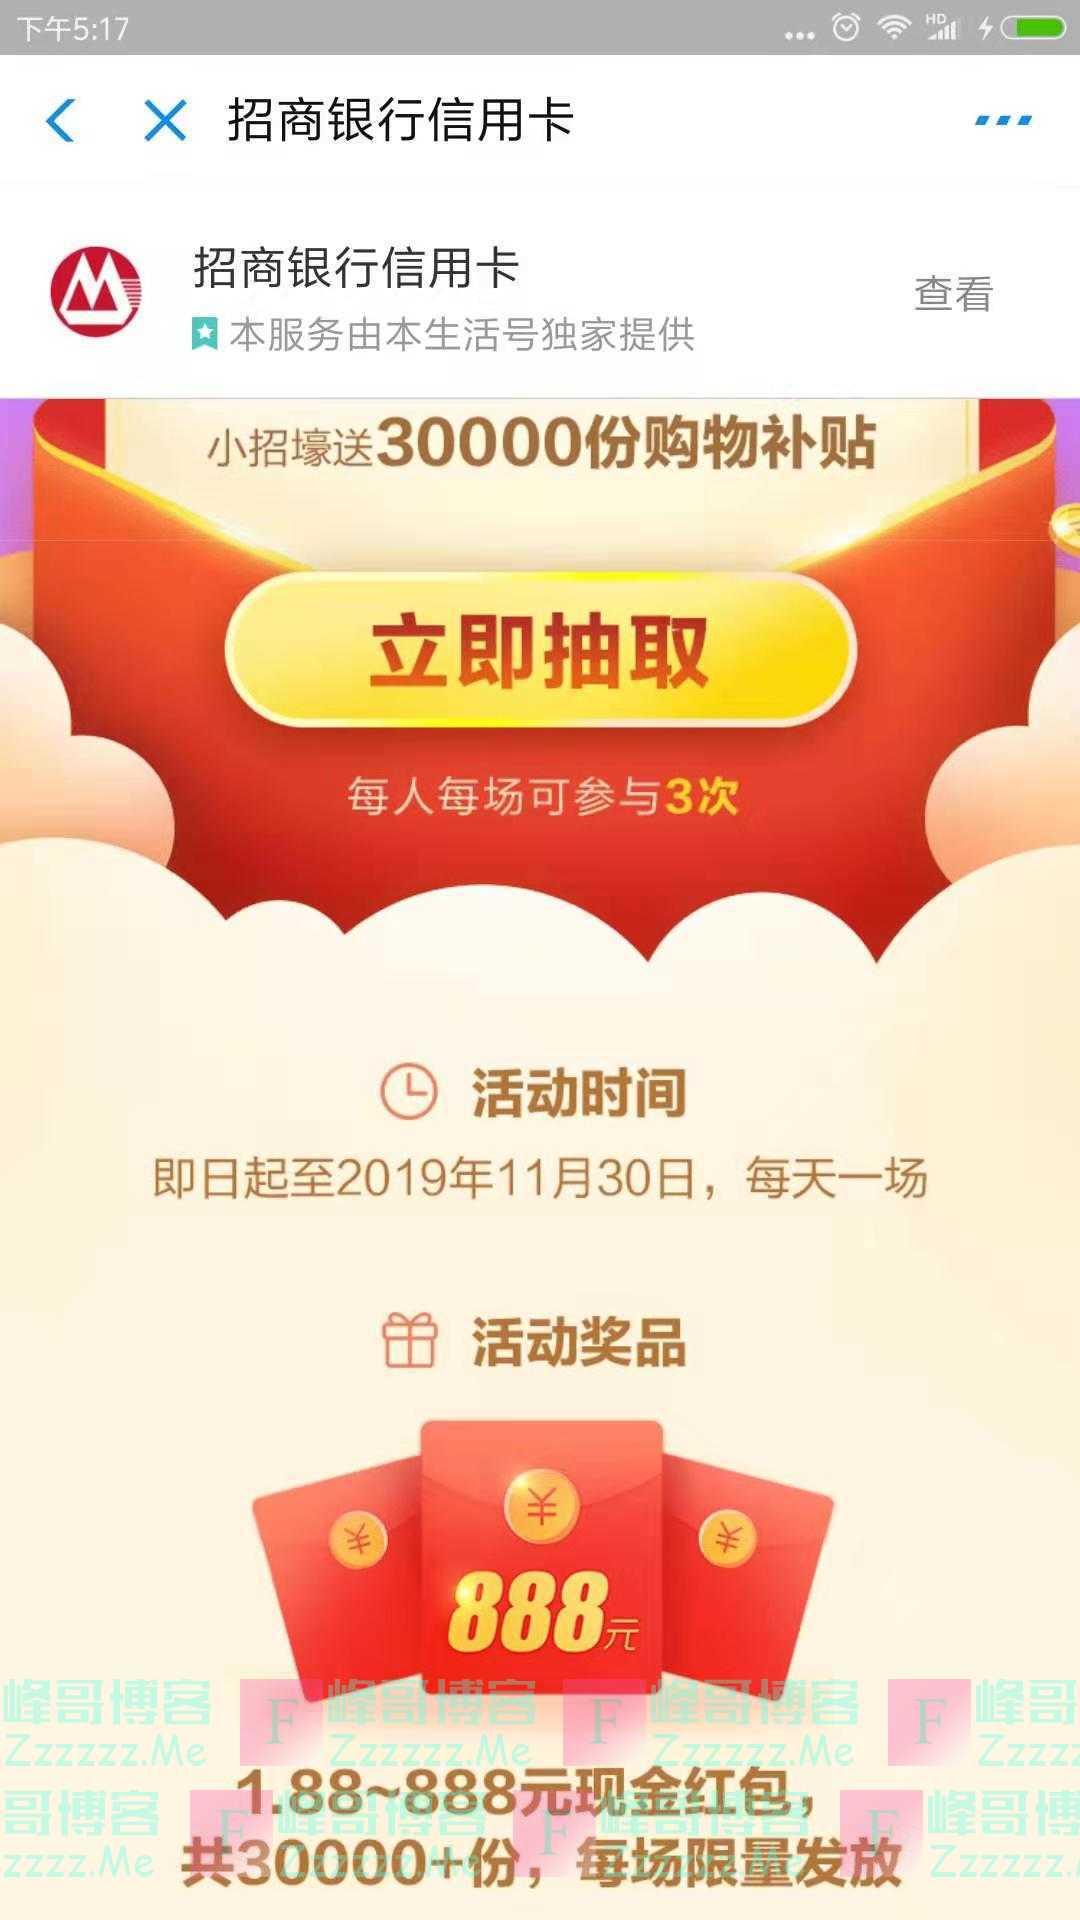 招行xing/用卡送30000份购物补贴(截止11月30日)